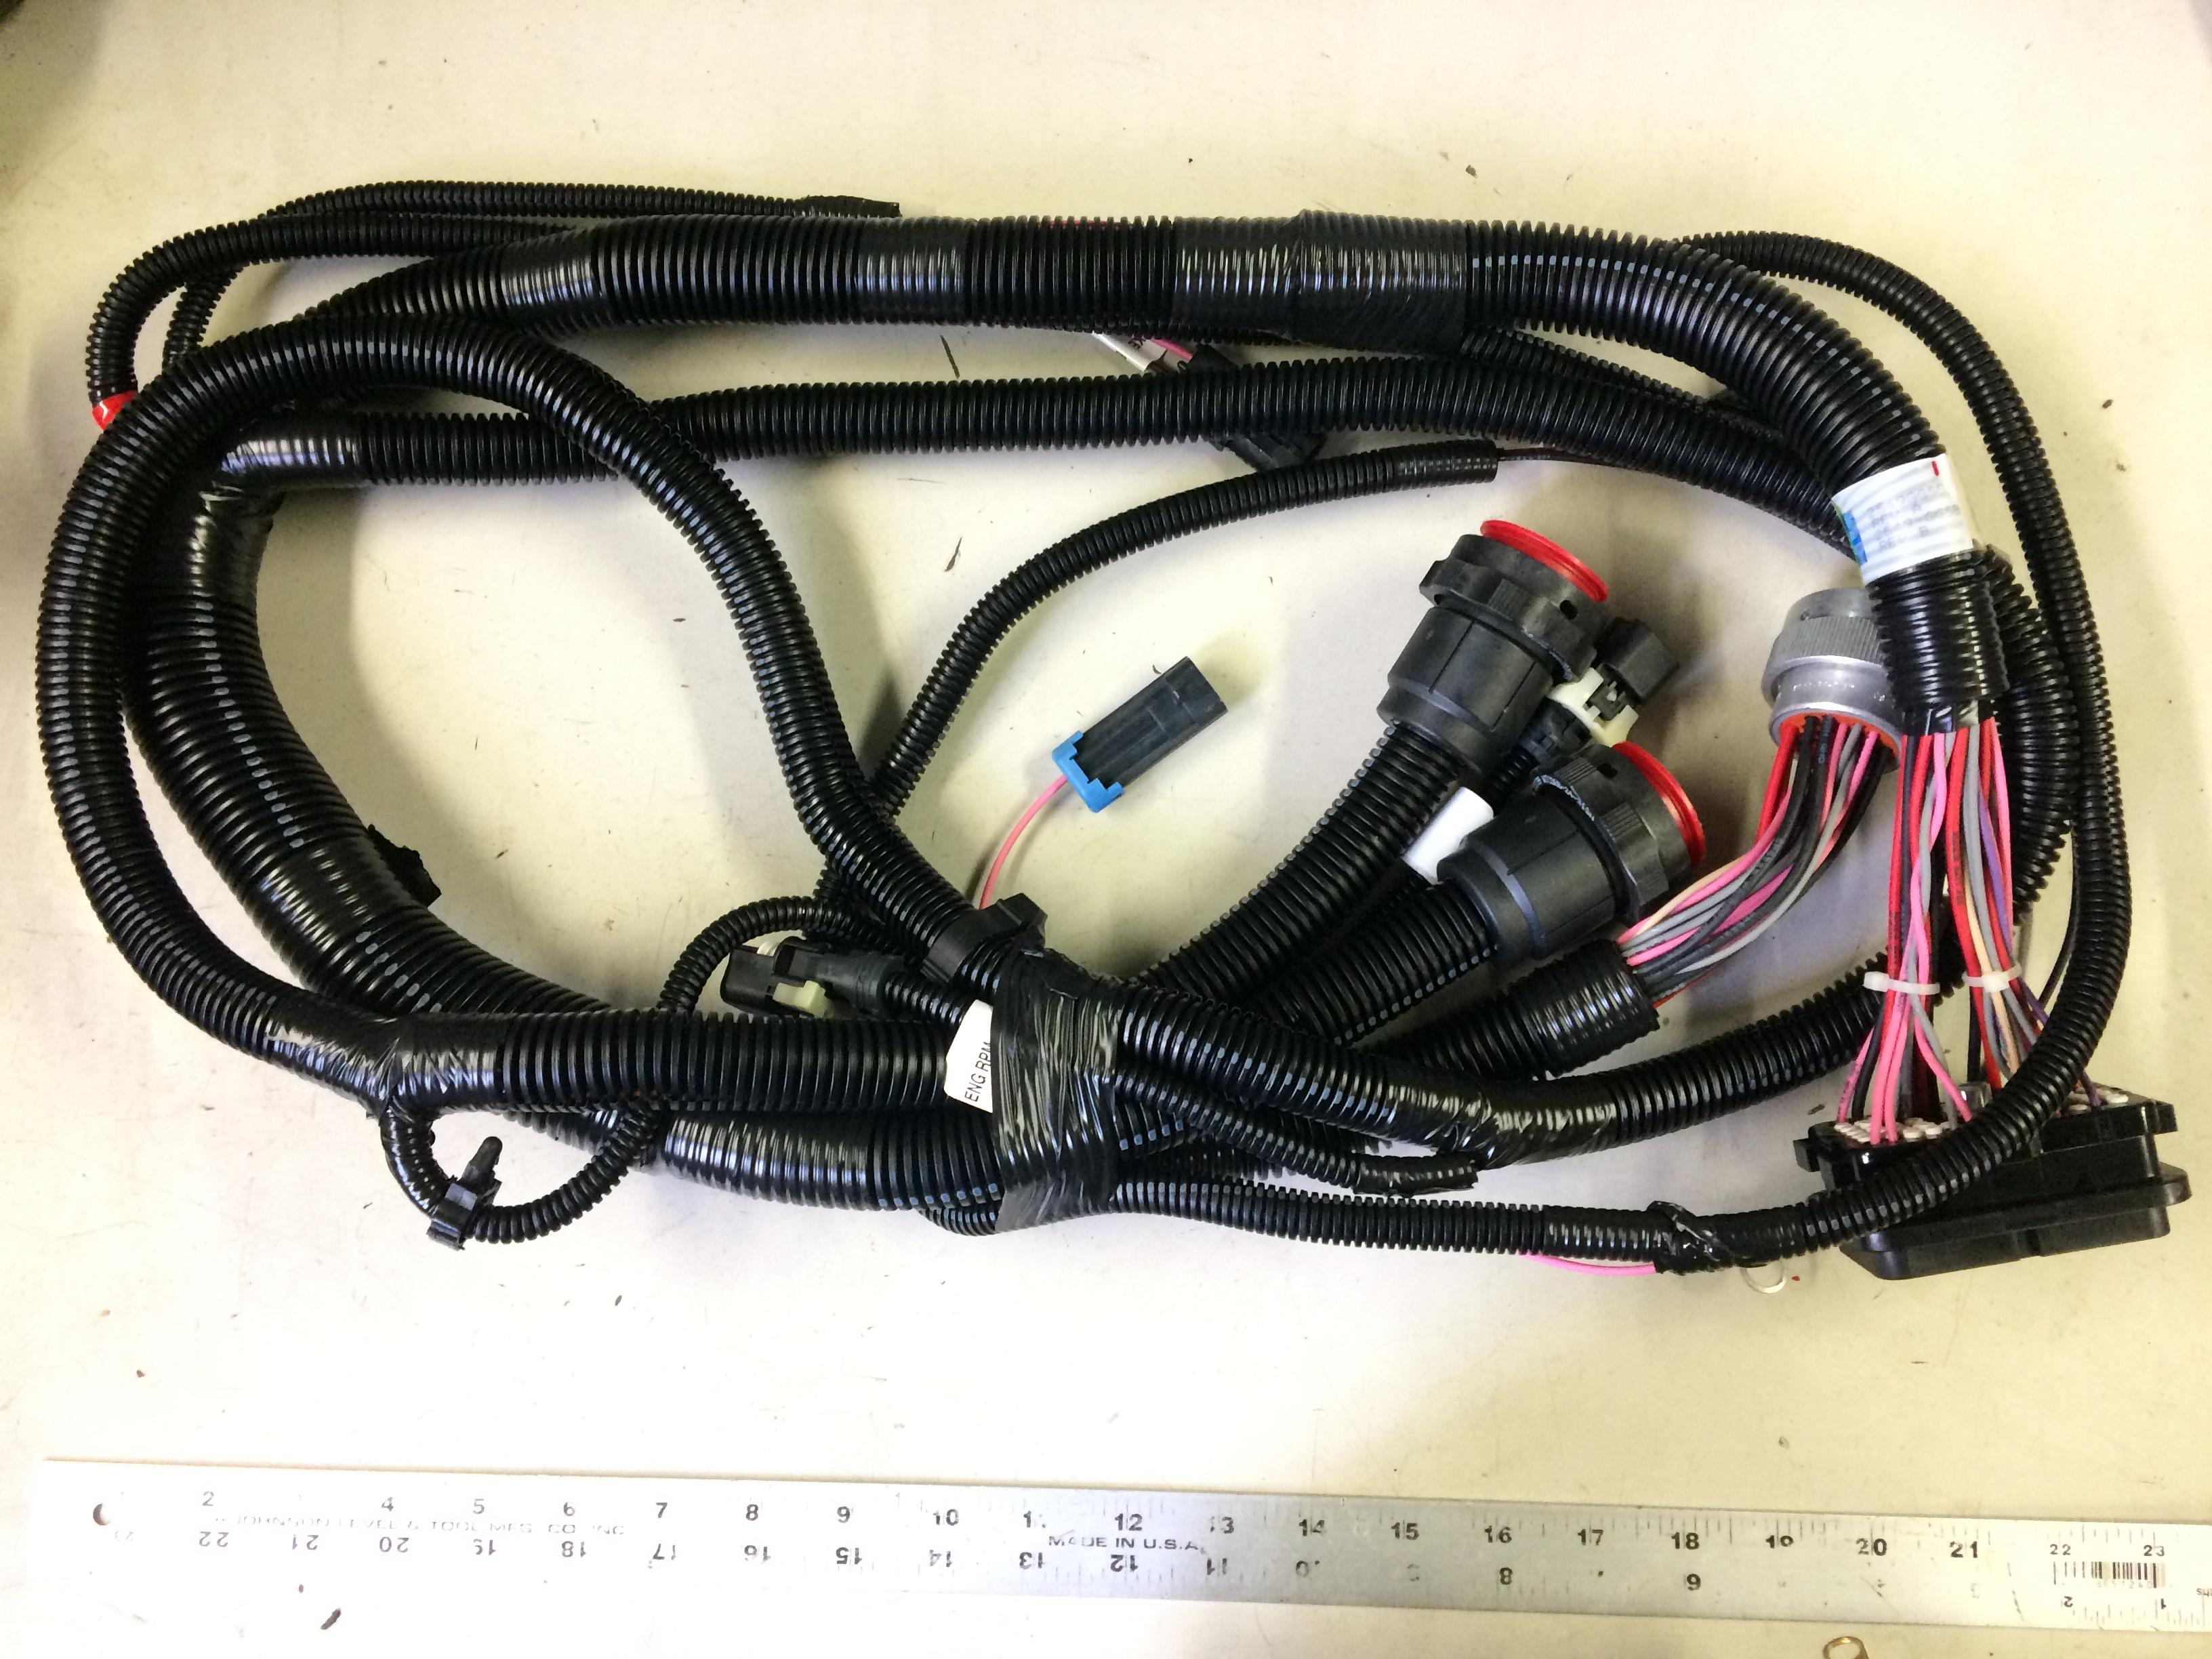 Cougar Jerrv 6x6 Wiring Harness Engine Transmission 2549 Gg58 2590 Enginetransmission 01 535 6462